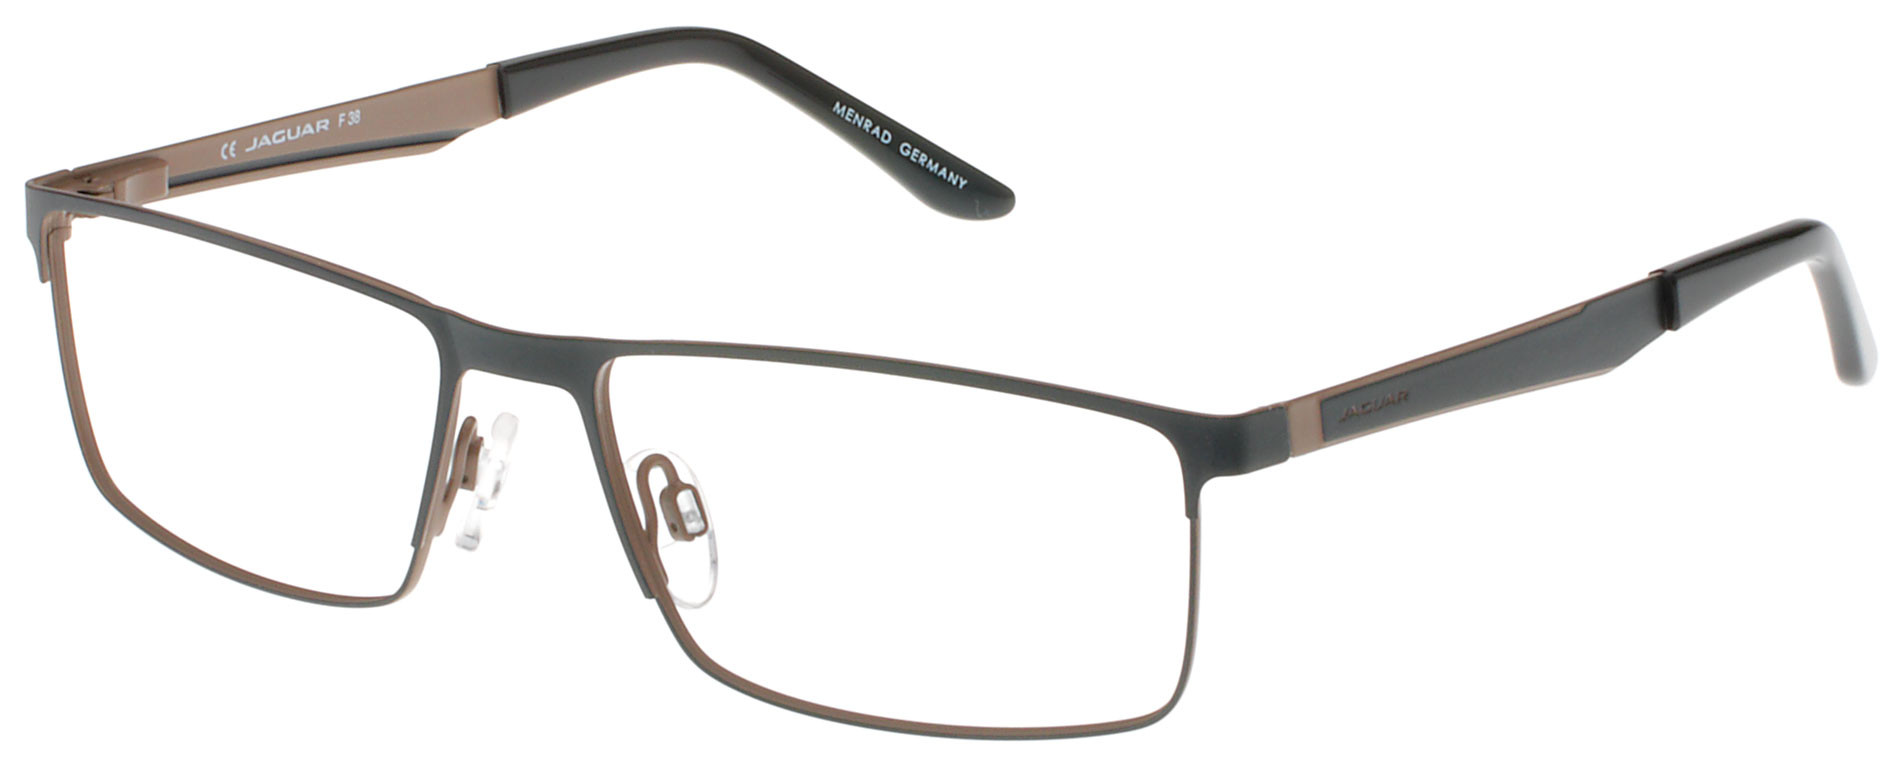 95af6f67460 Jaguar Spirit 33585 Single Vision Prescription Eyeglasses FREE S H  JG335851075SV